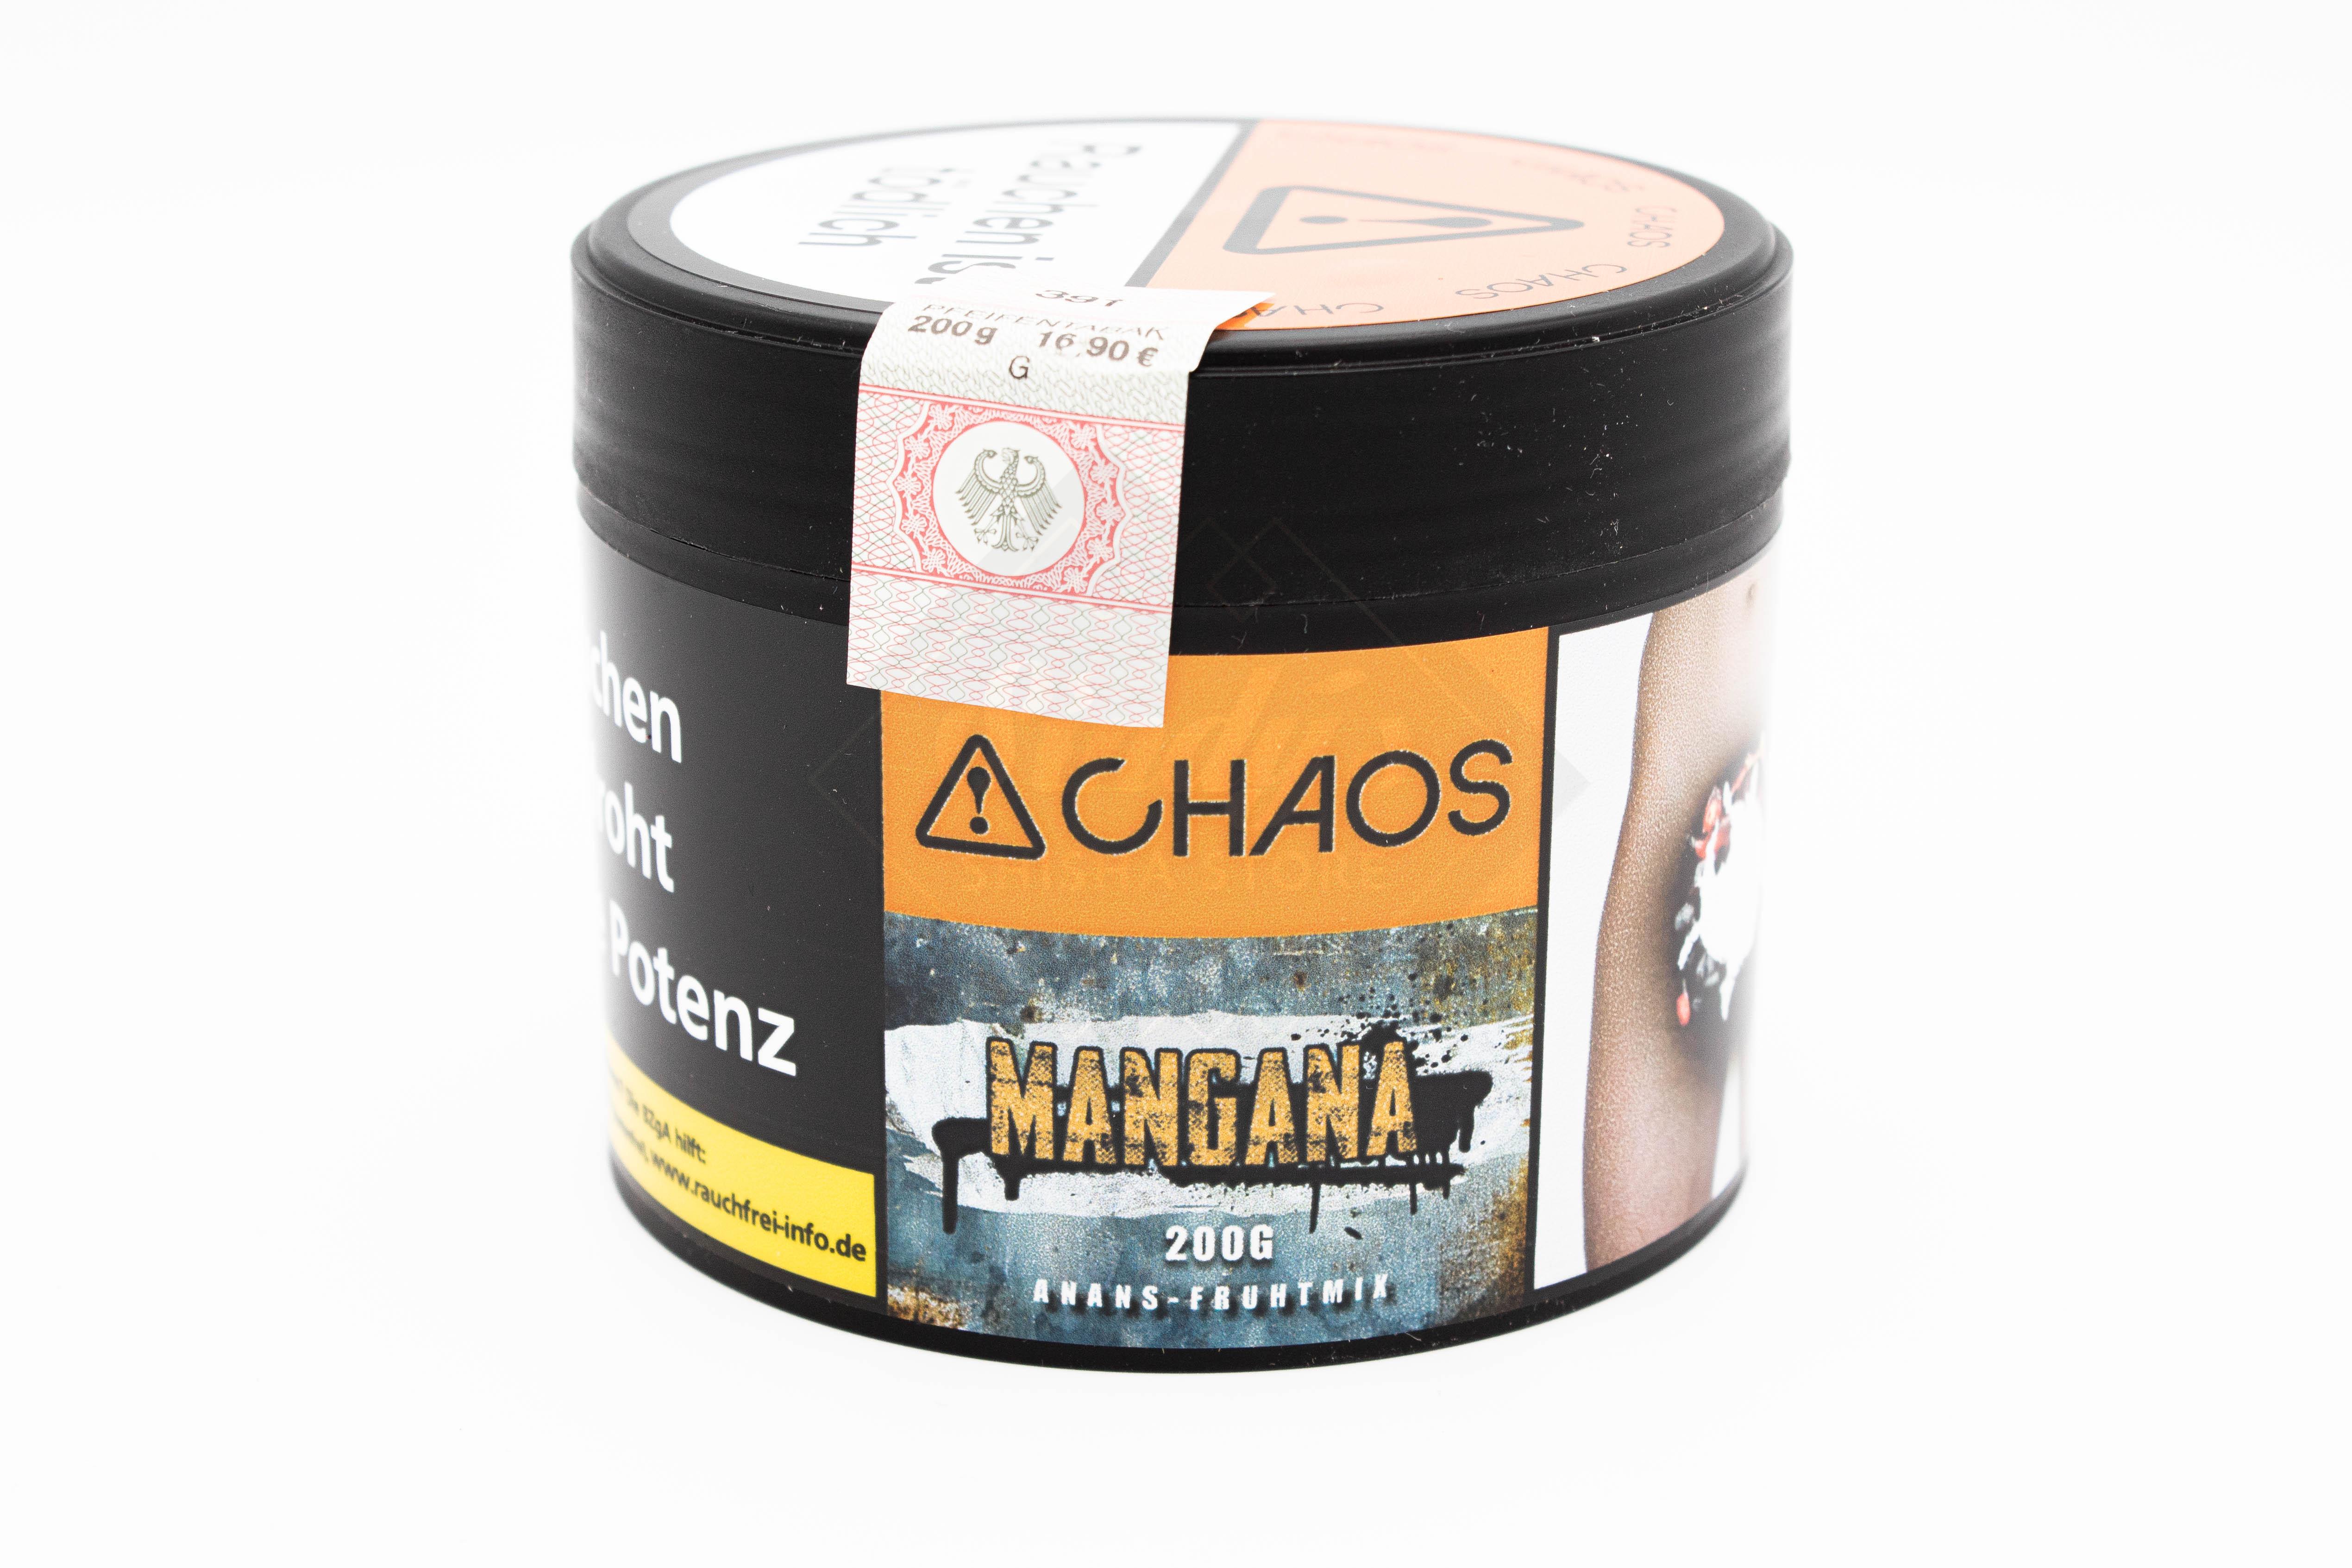 Chaos Tobacco - Mangana 200g